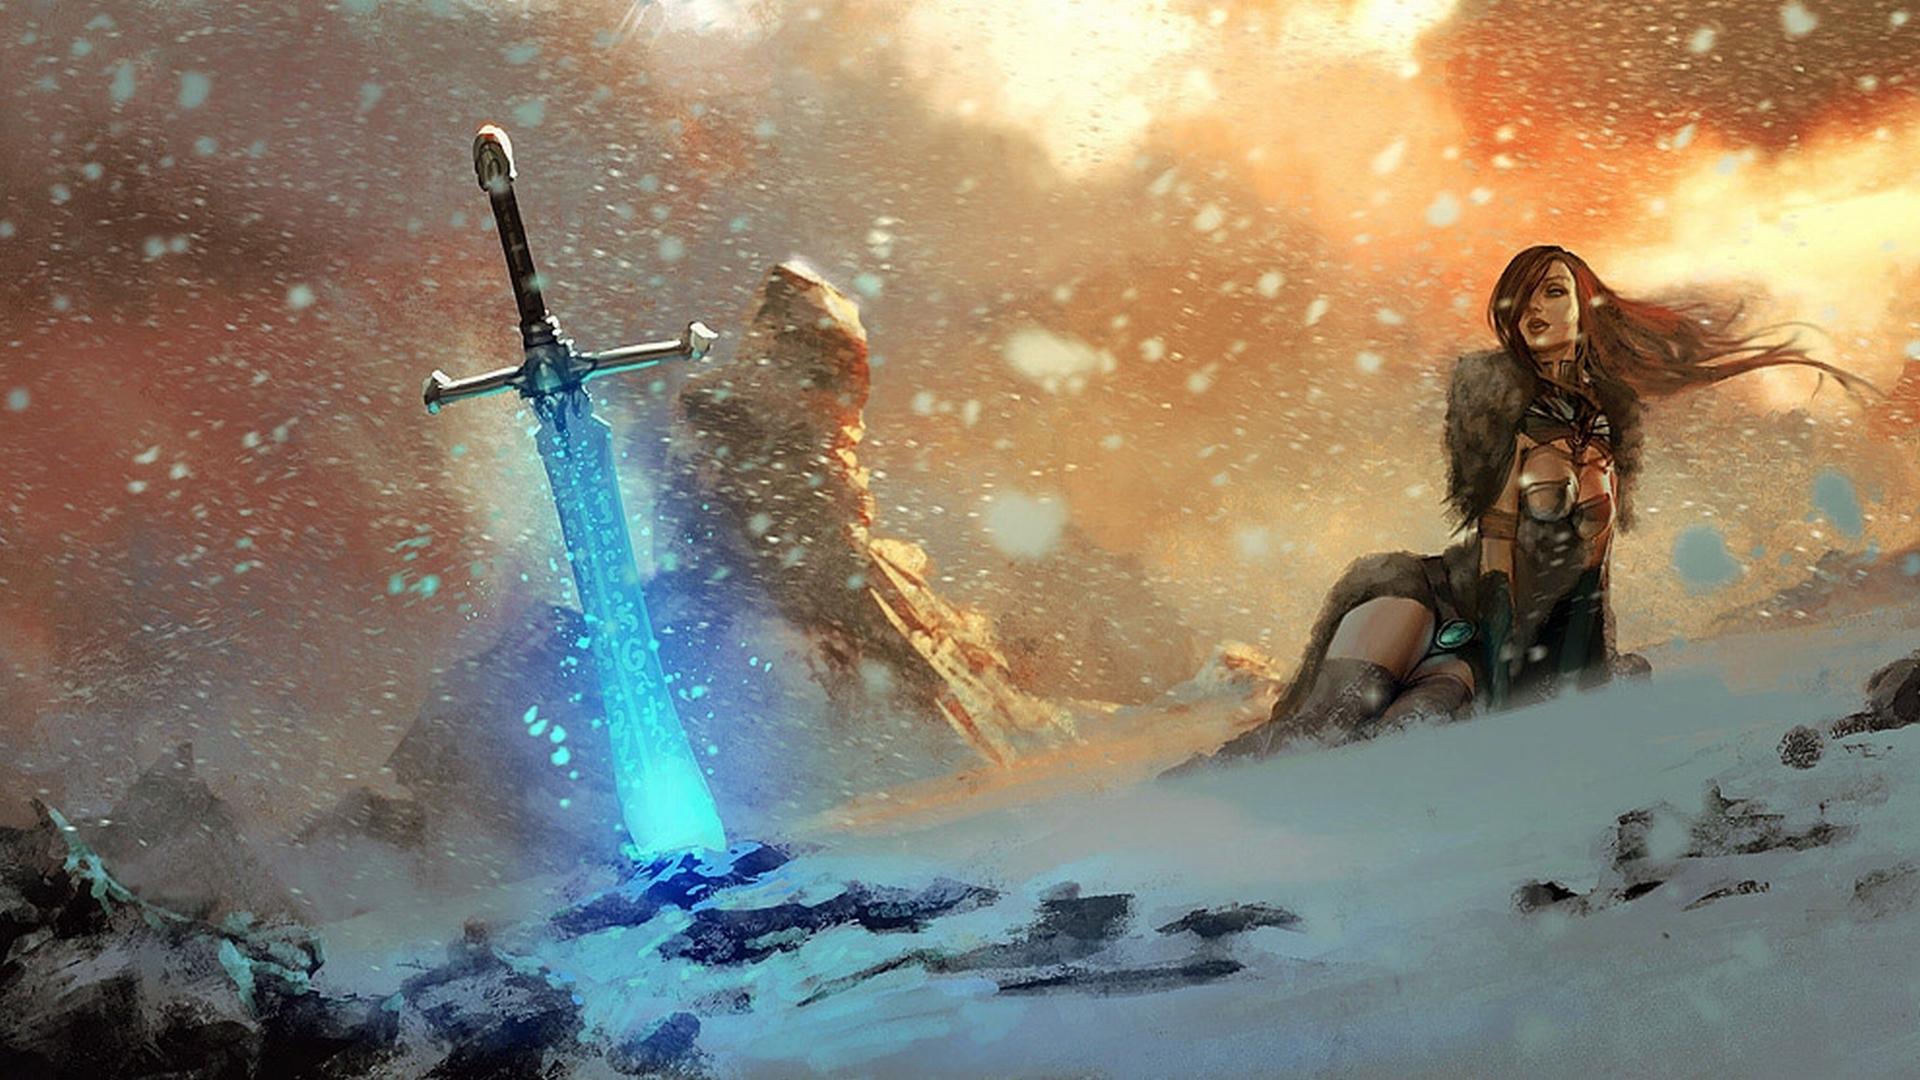 Fantasy Girl Wallpaper HD